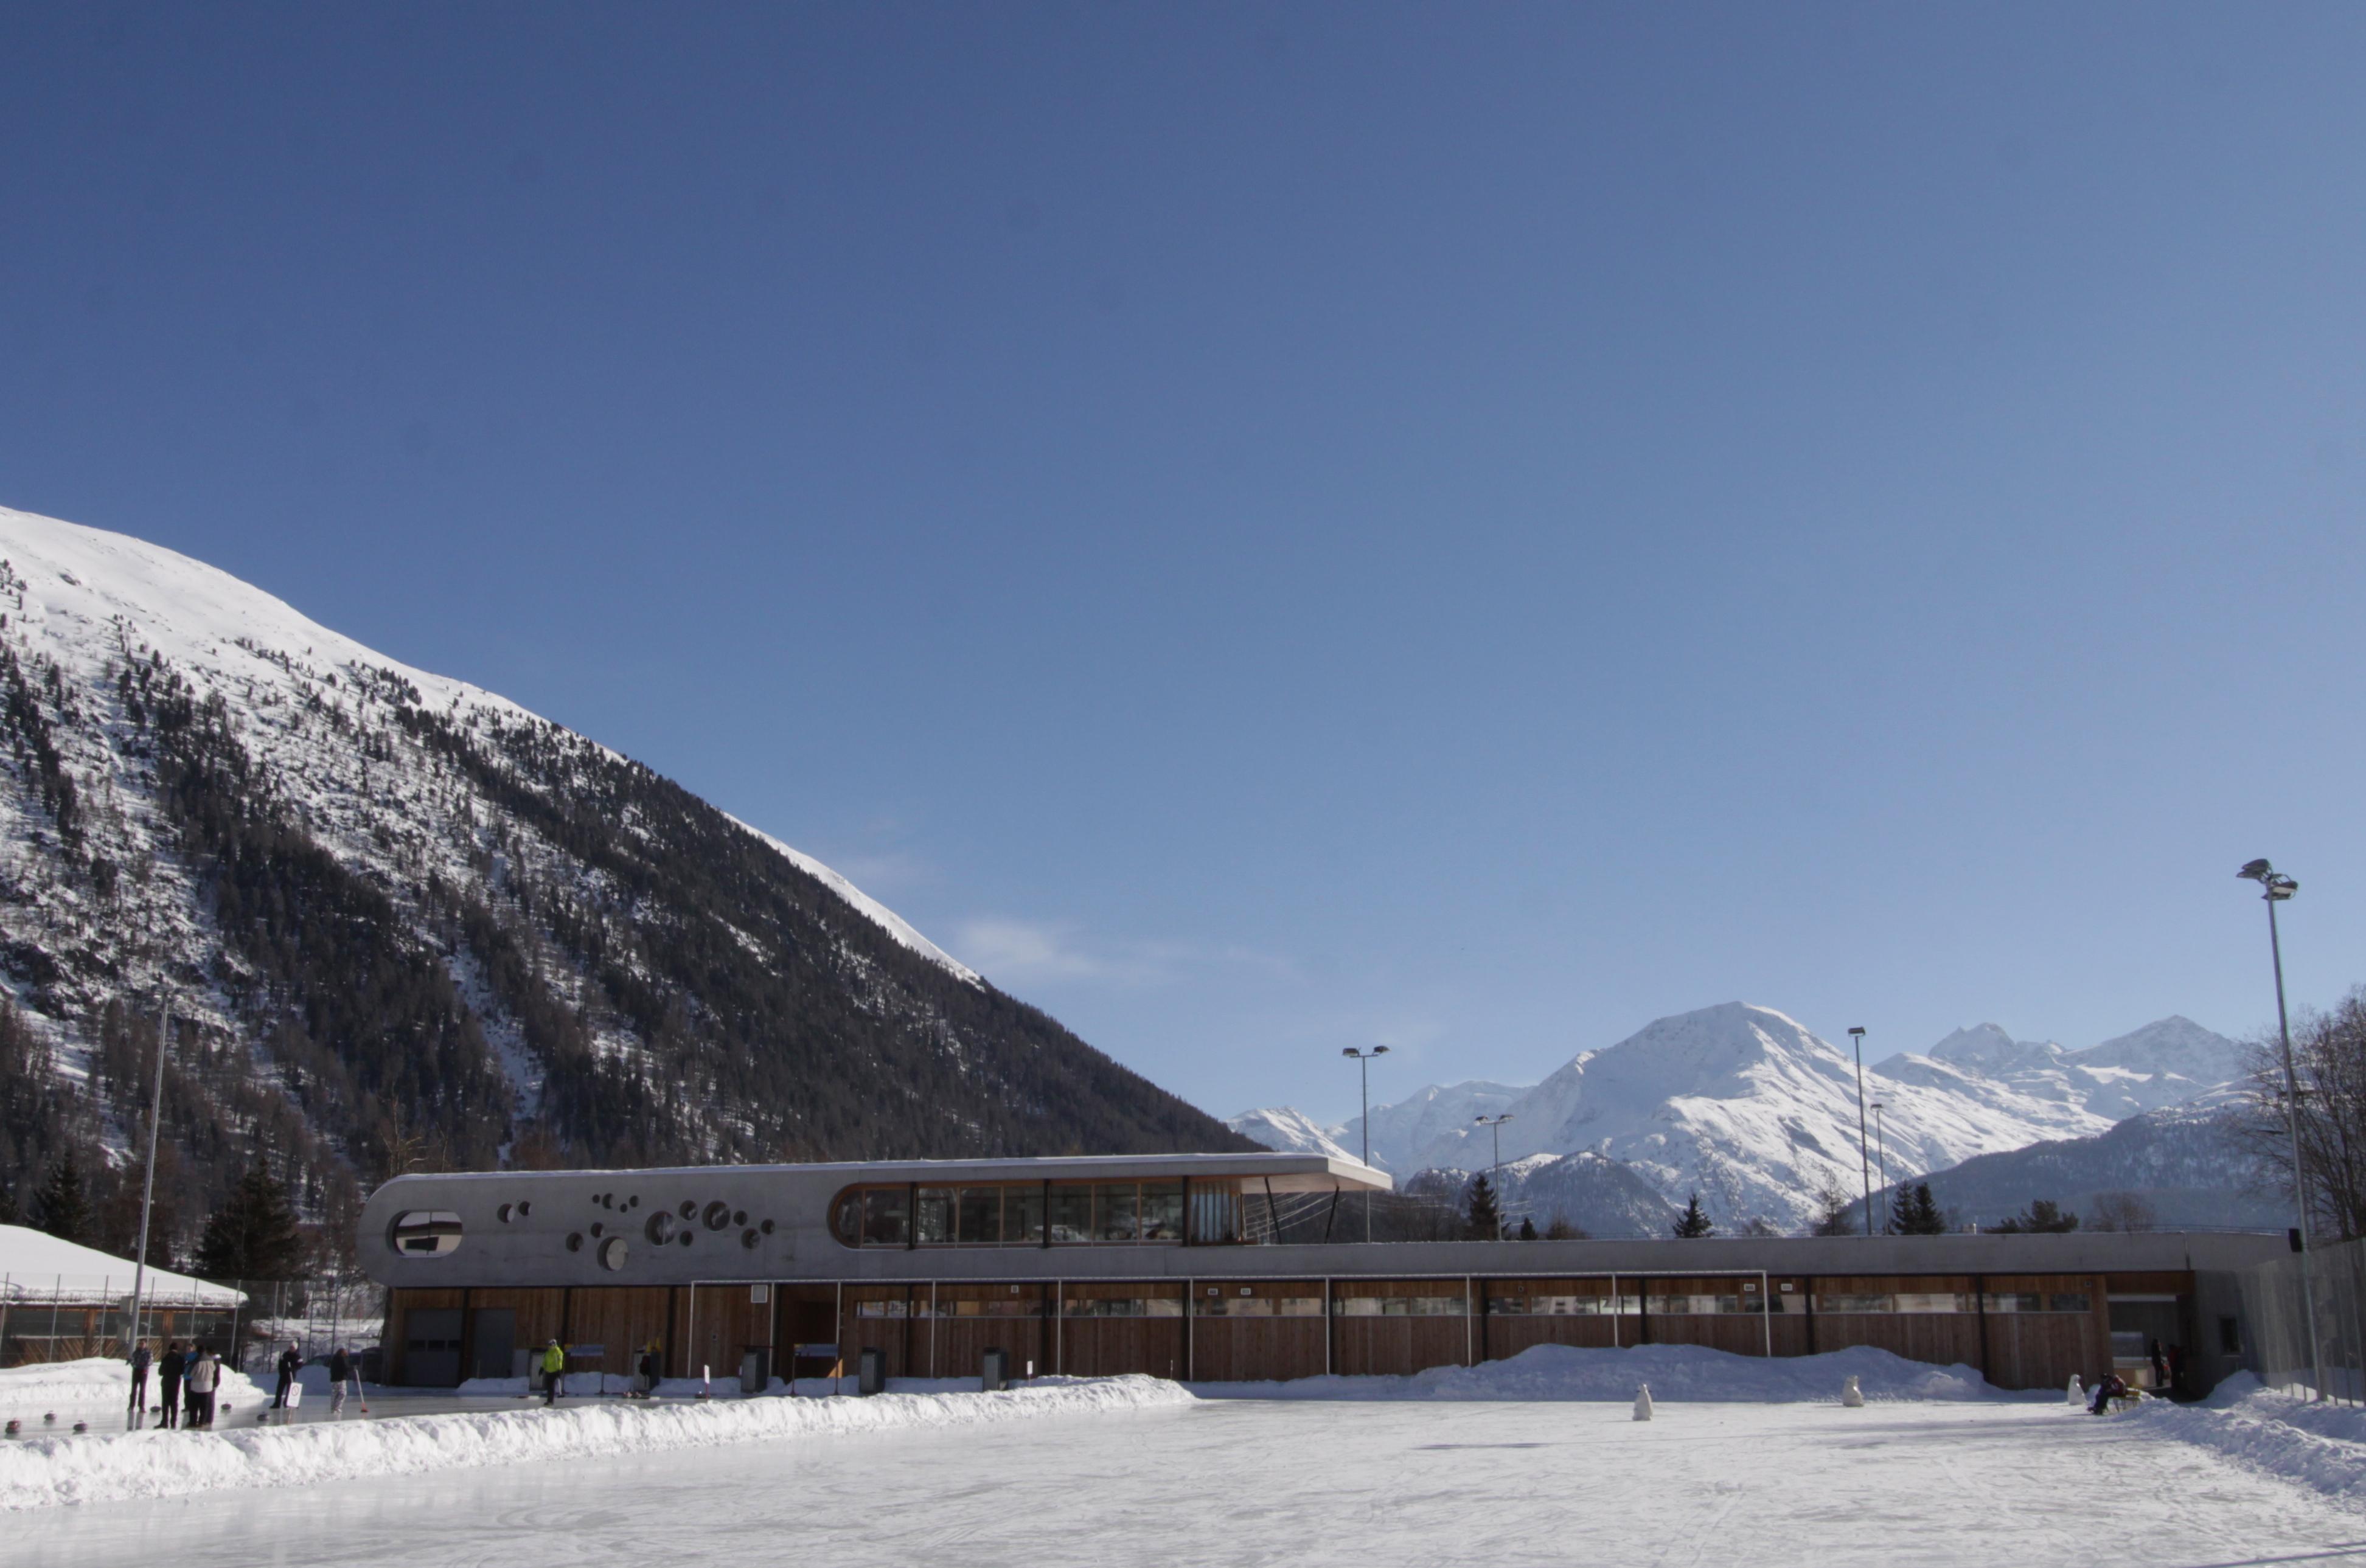 Eiszeit Promulins Arena, Samedan Slide 2